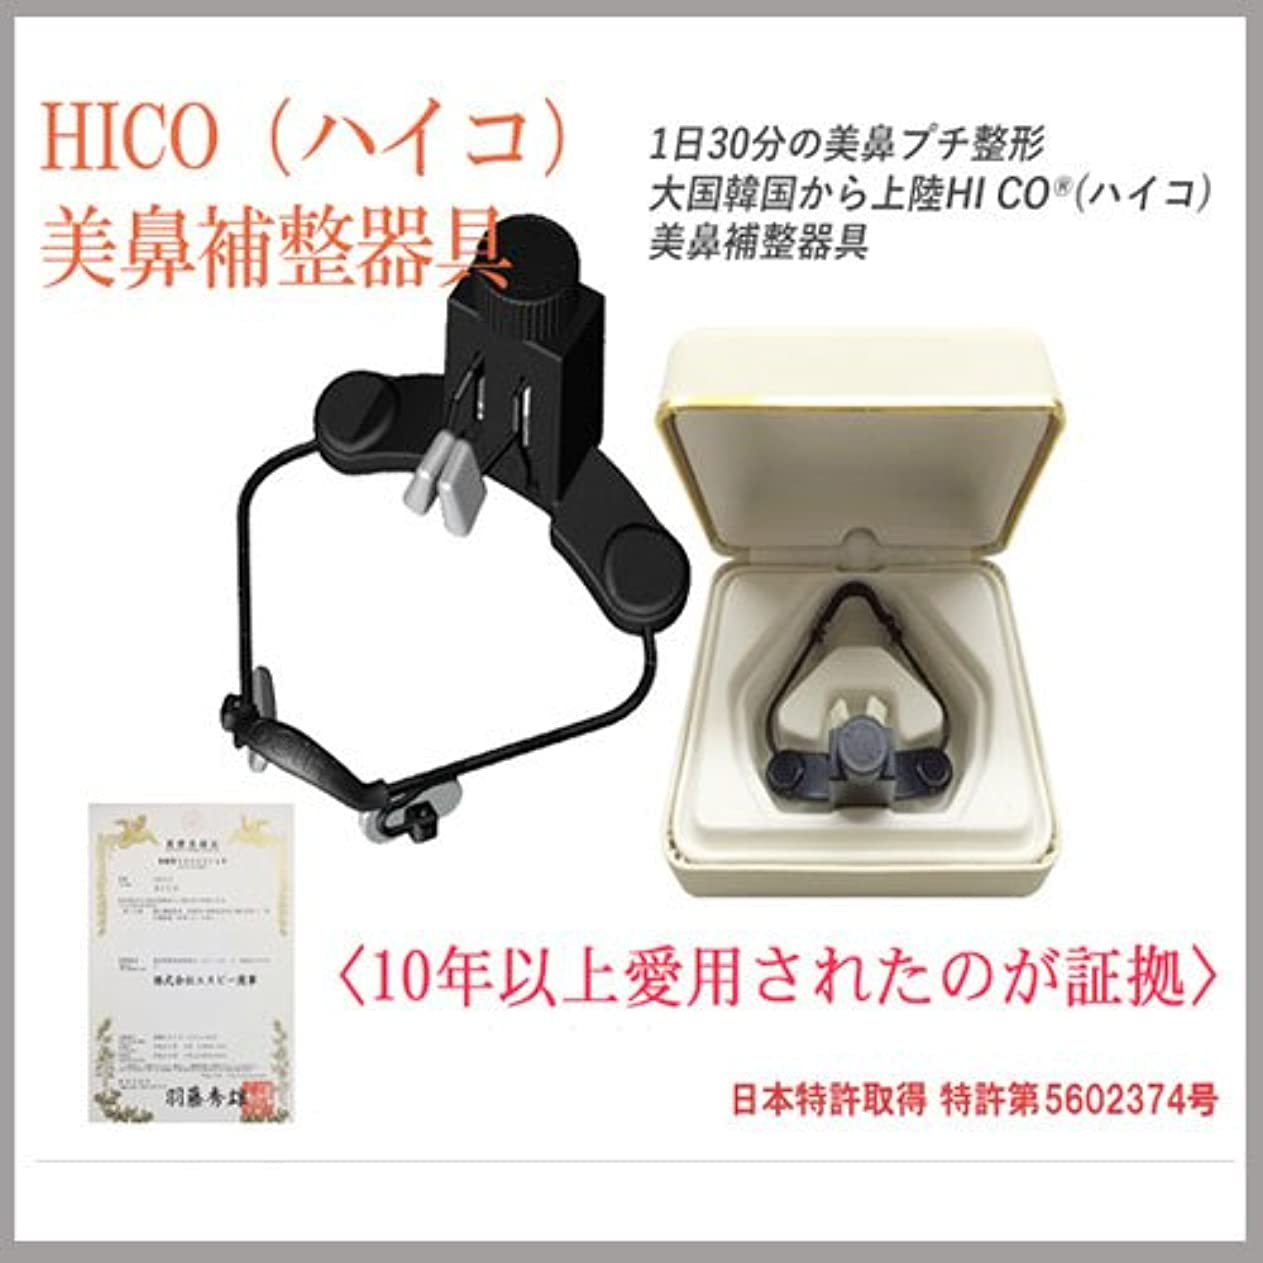 インポートトラフ起業家ハイコ(HICO) ◆美鼻サポート器具